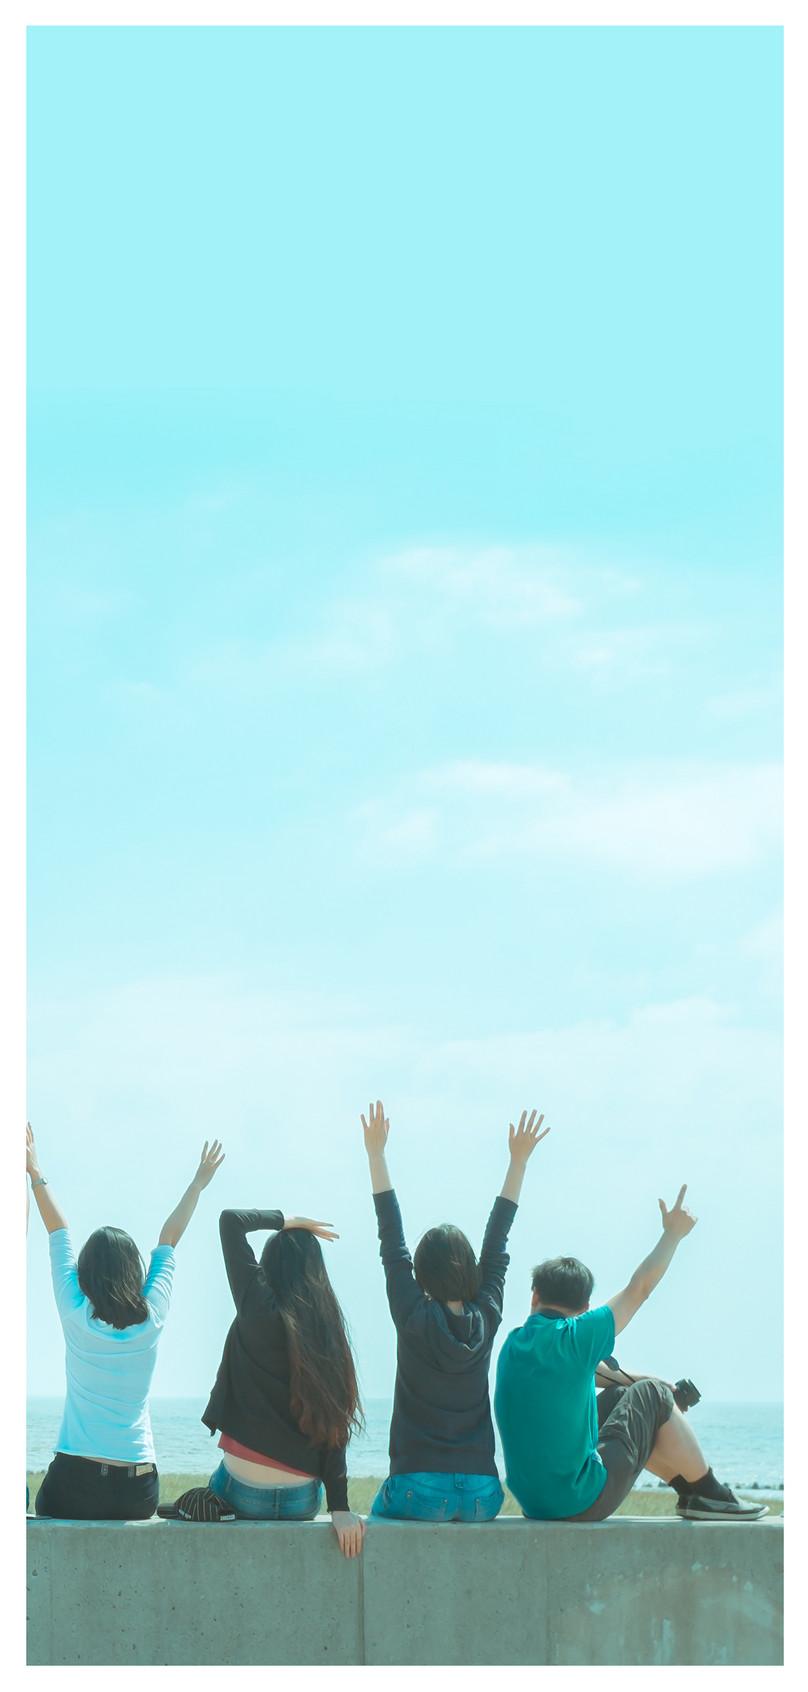 青少年卒業シーズンの携帯電話の壁紙イメージ 背景 Id 400290524 Prf